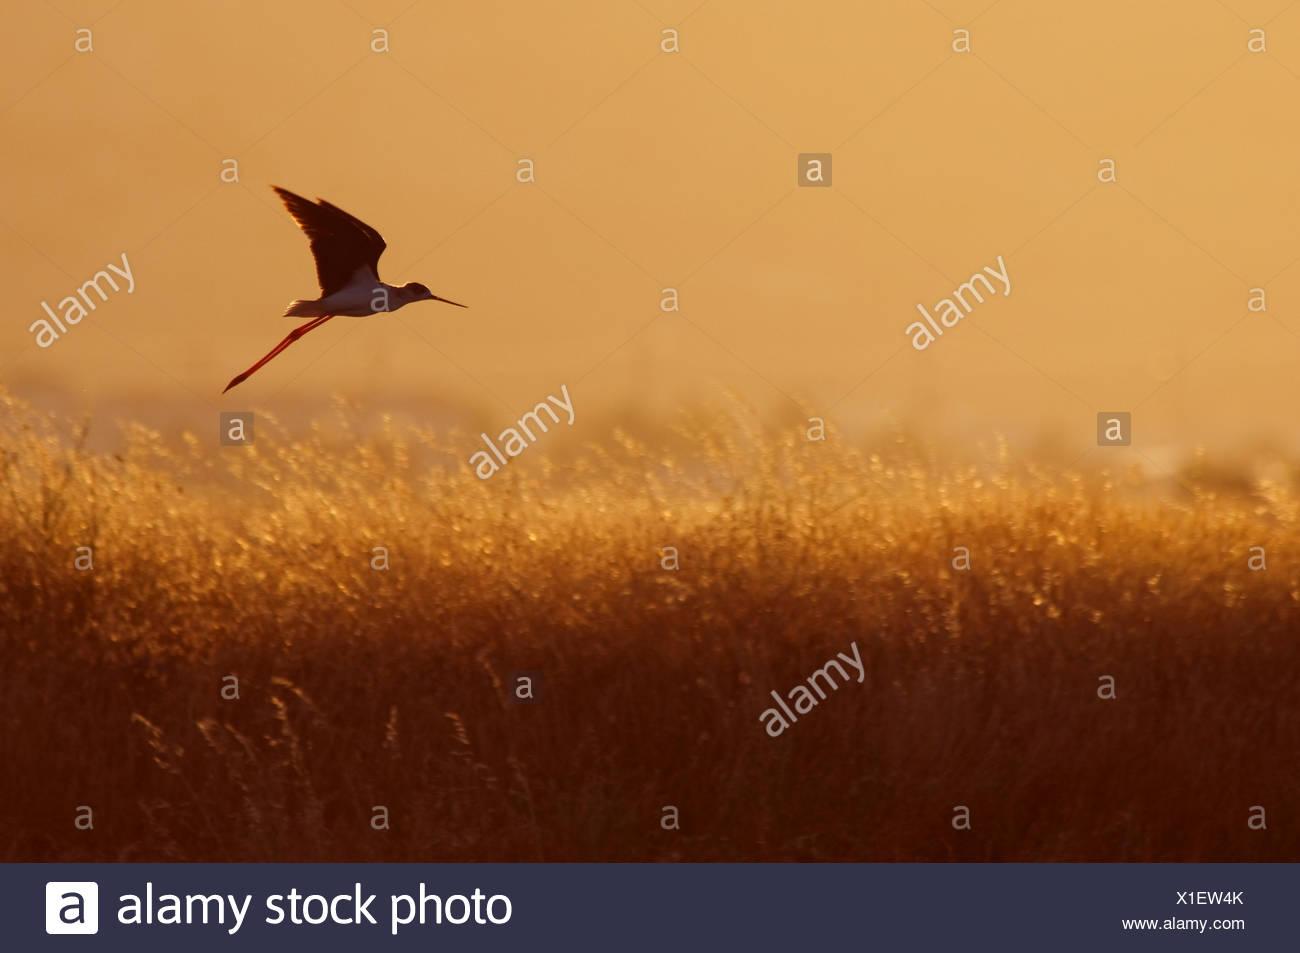 Black-winged stilt (Himantopus himantopus) in flight over long grasses at dusk, Lesbos, Greece - Stock Image